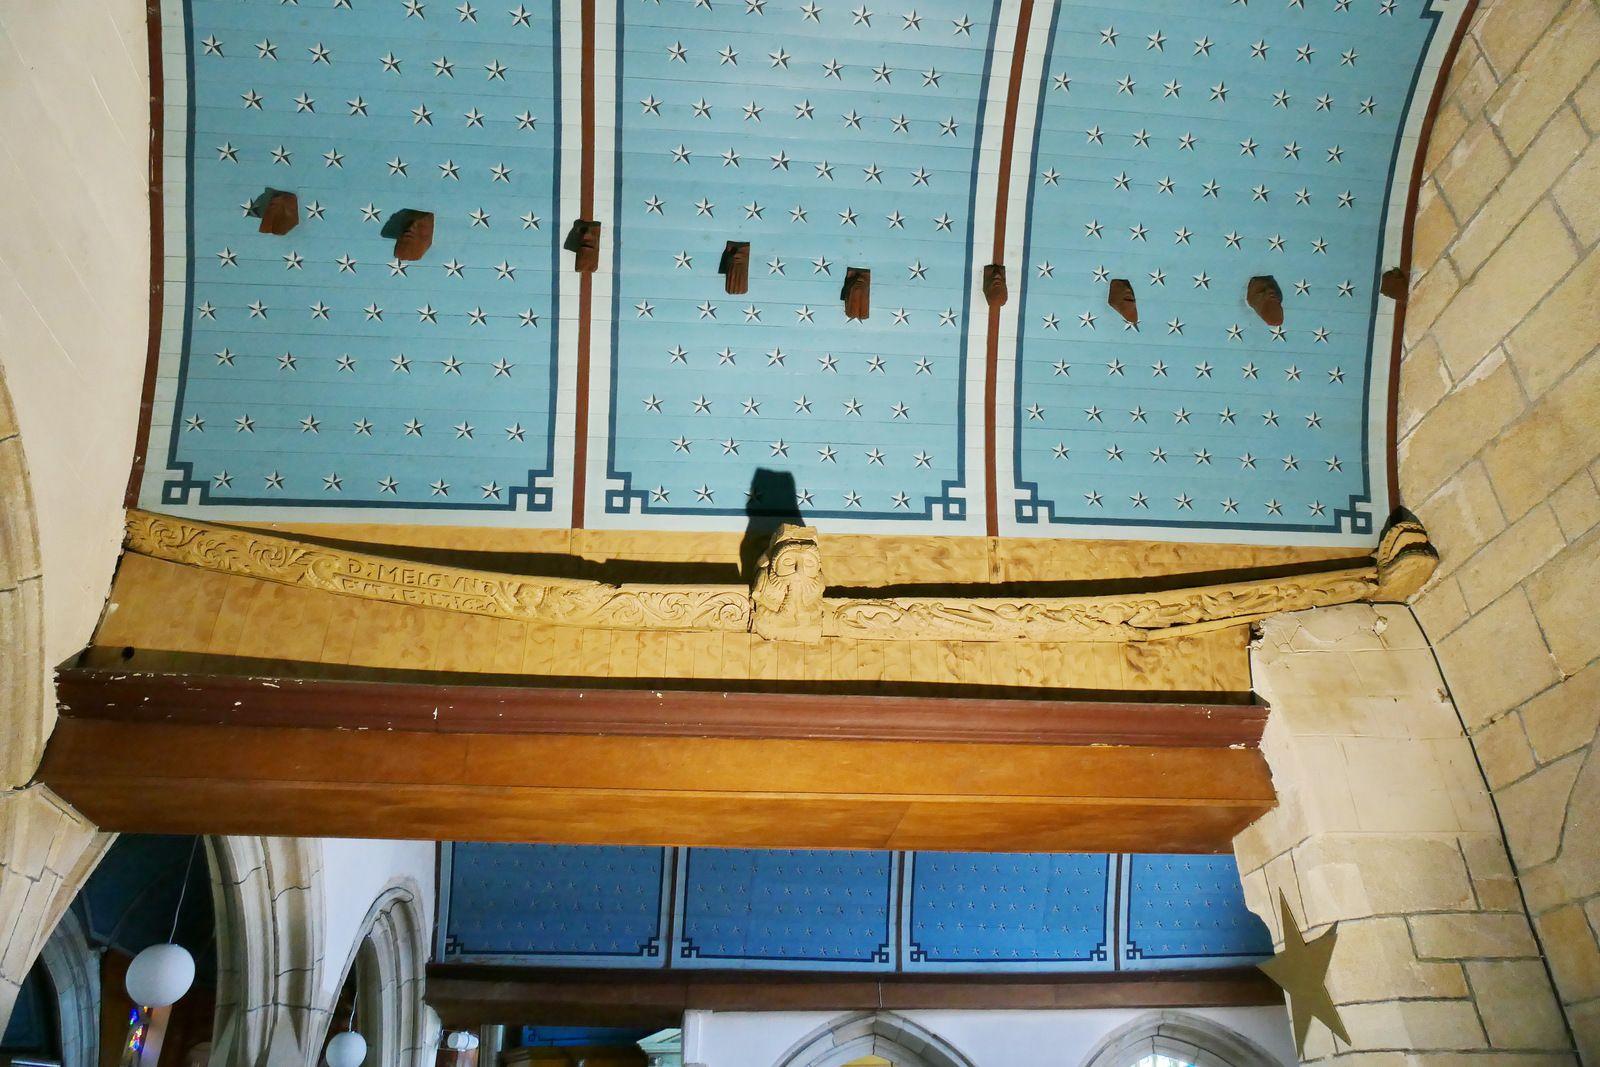 Sablières et blochets du bas-coté sud de l'église d'Esquibien. Photographie lavieb-aile juillet 2020.